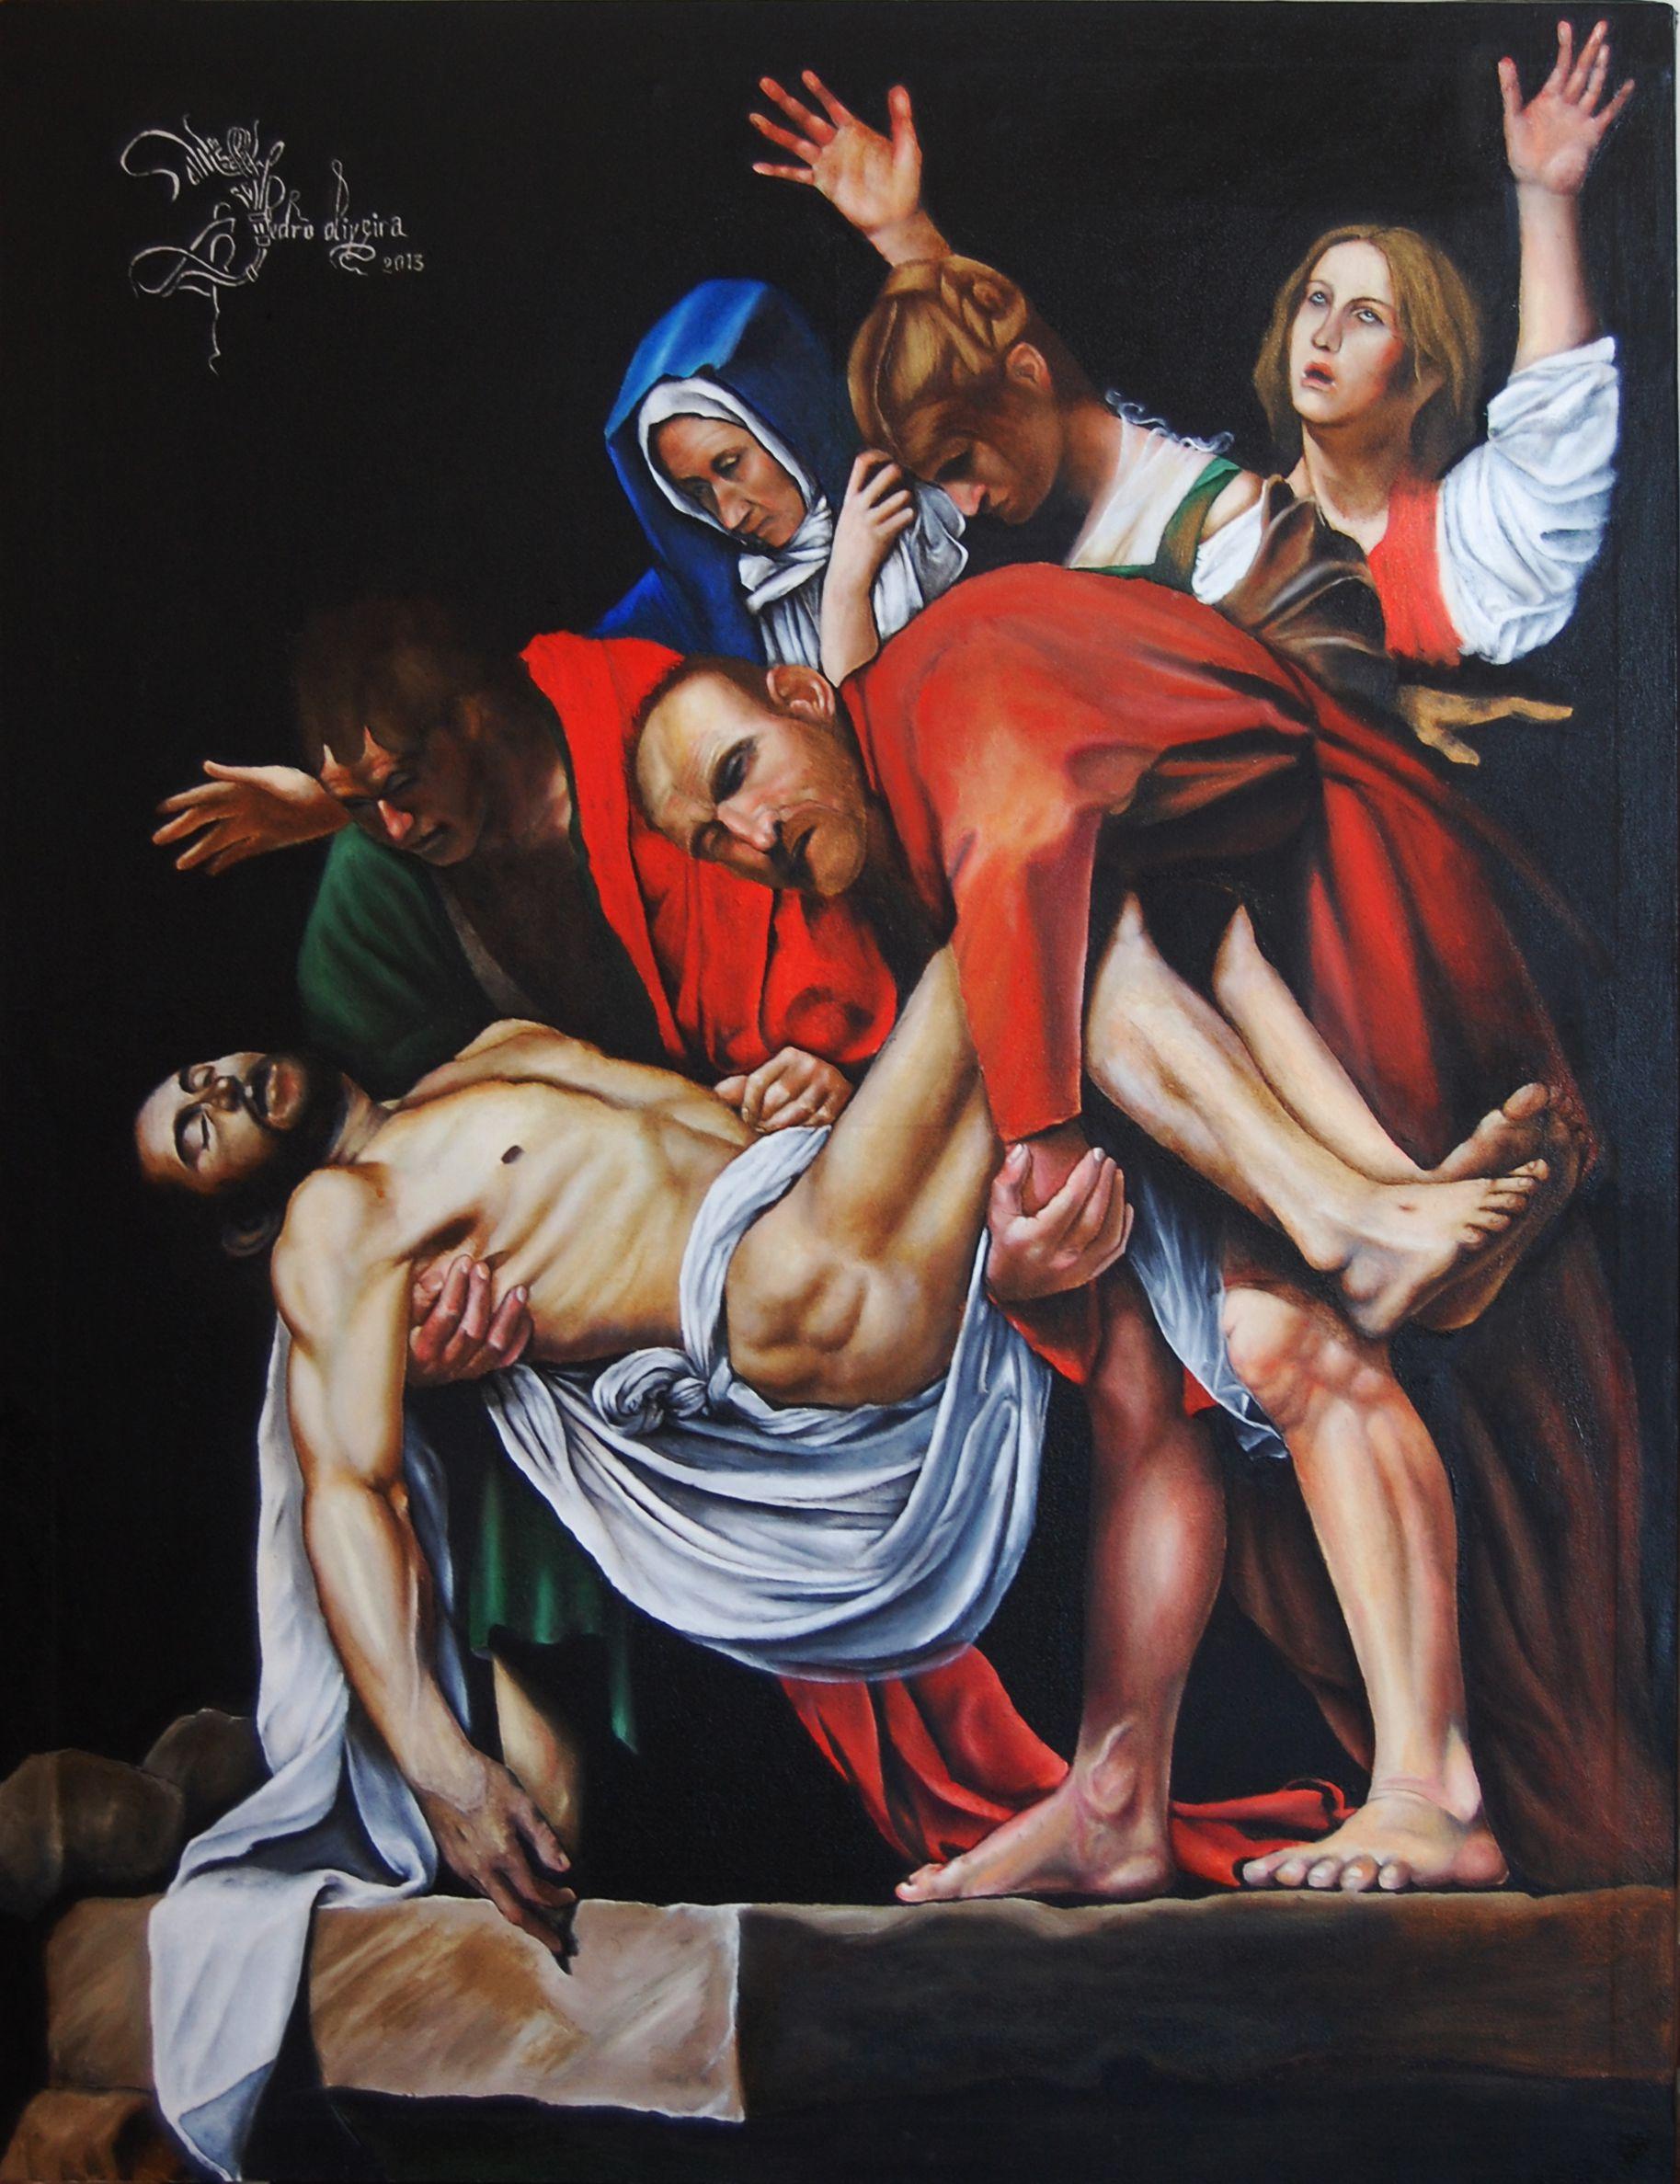 Claudia-art-gallery-oil-painting-caravaggio